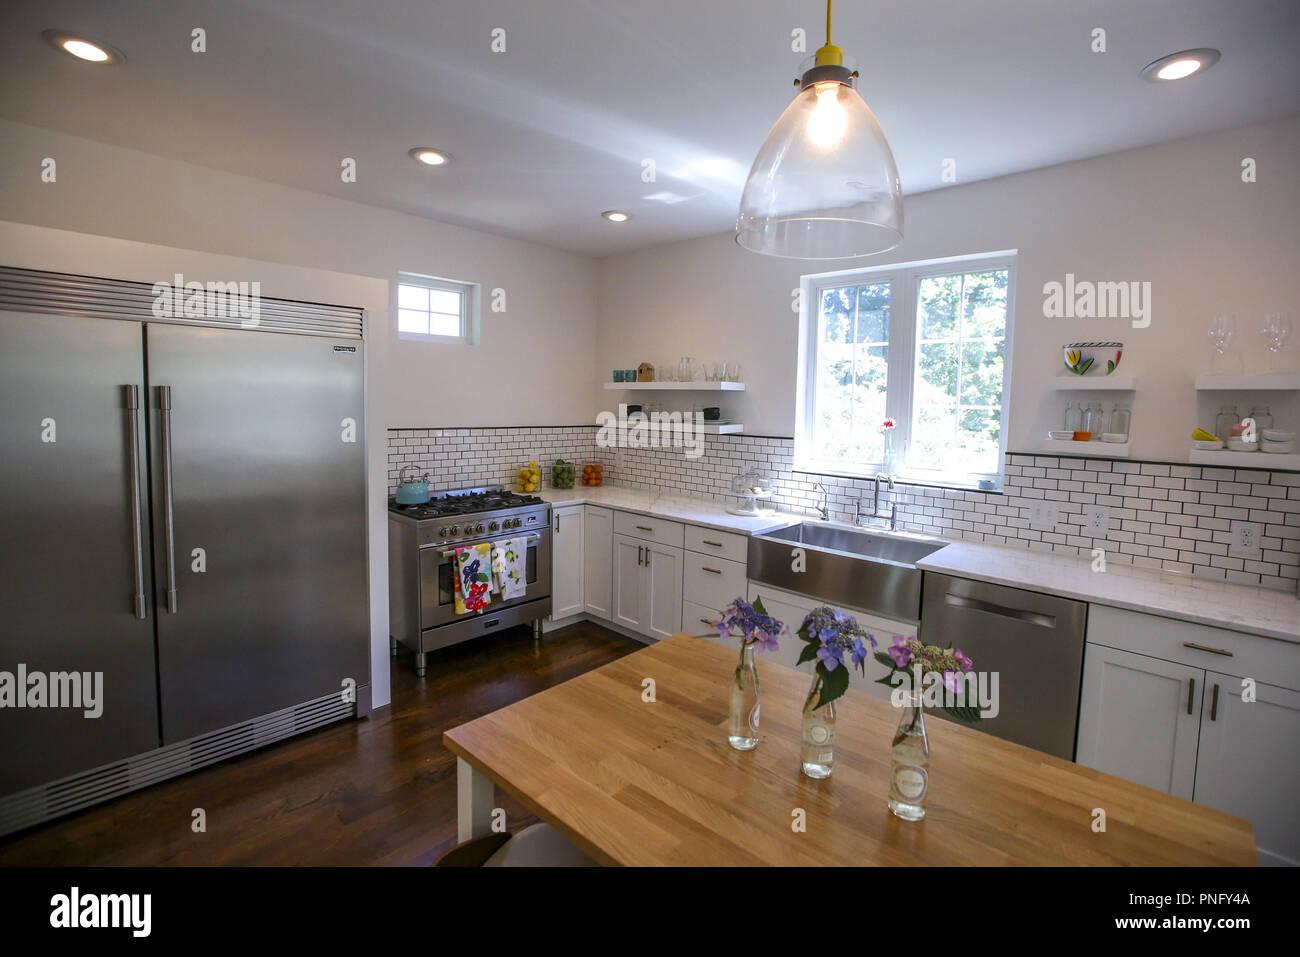 Oben: Die Küche Trägt Kathy Davidu0027s Design Stempel In, Dass Es Keine Wand  Schränke, Sondern Nur Einfache Offene Regale, Und Dass Schwarze Fugen Waren  ...